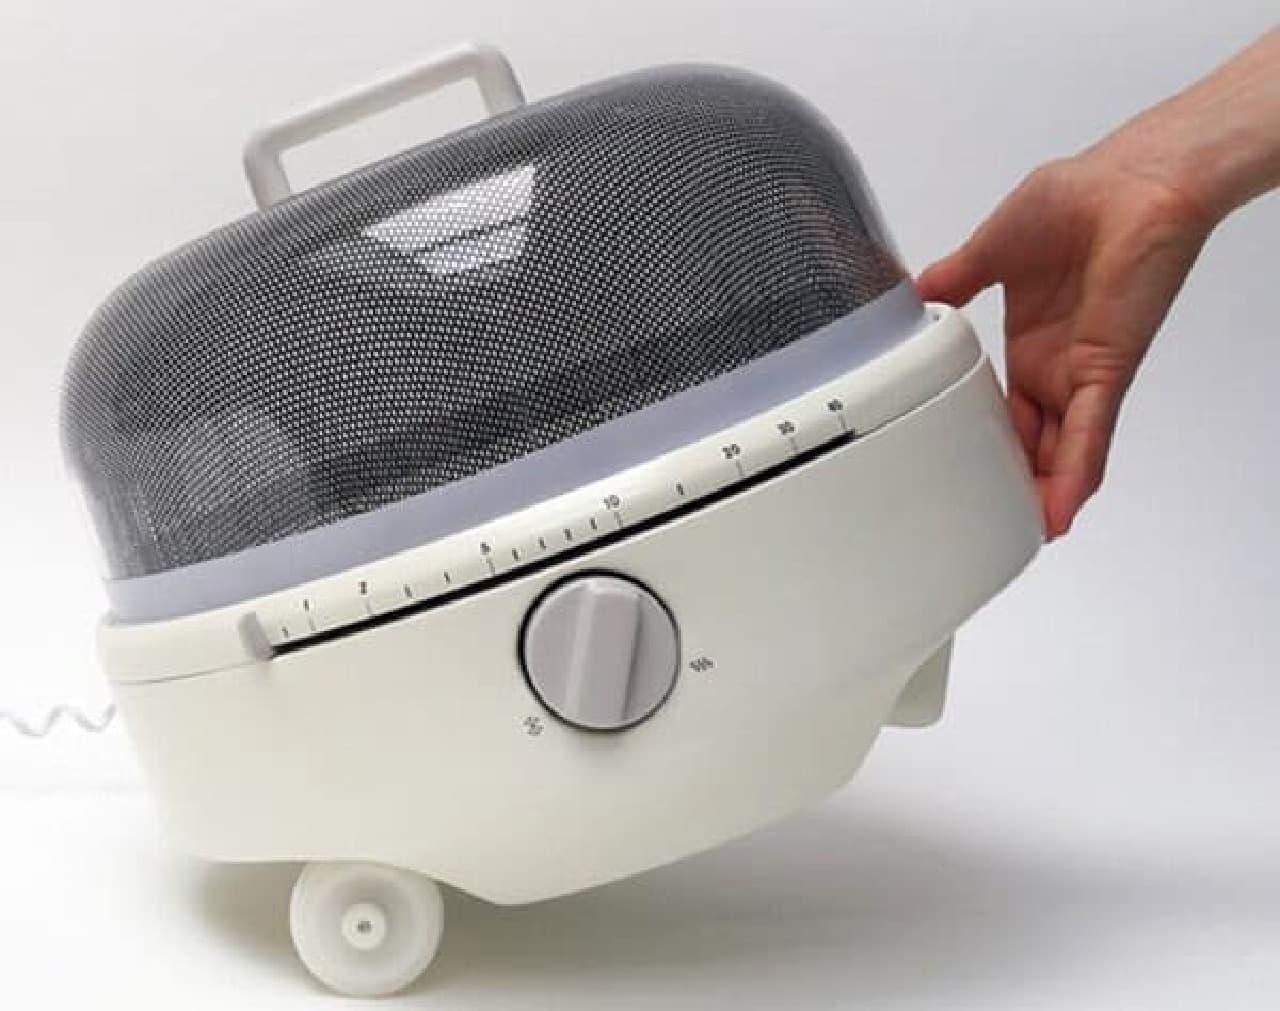 「Mediumwave」は車輪付き 簡単に持ち運びできます